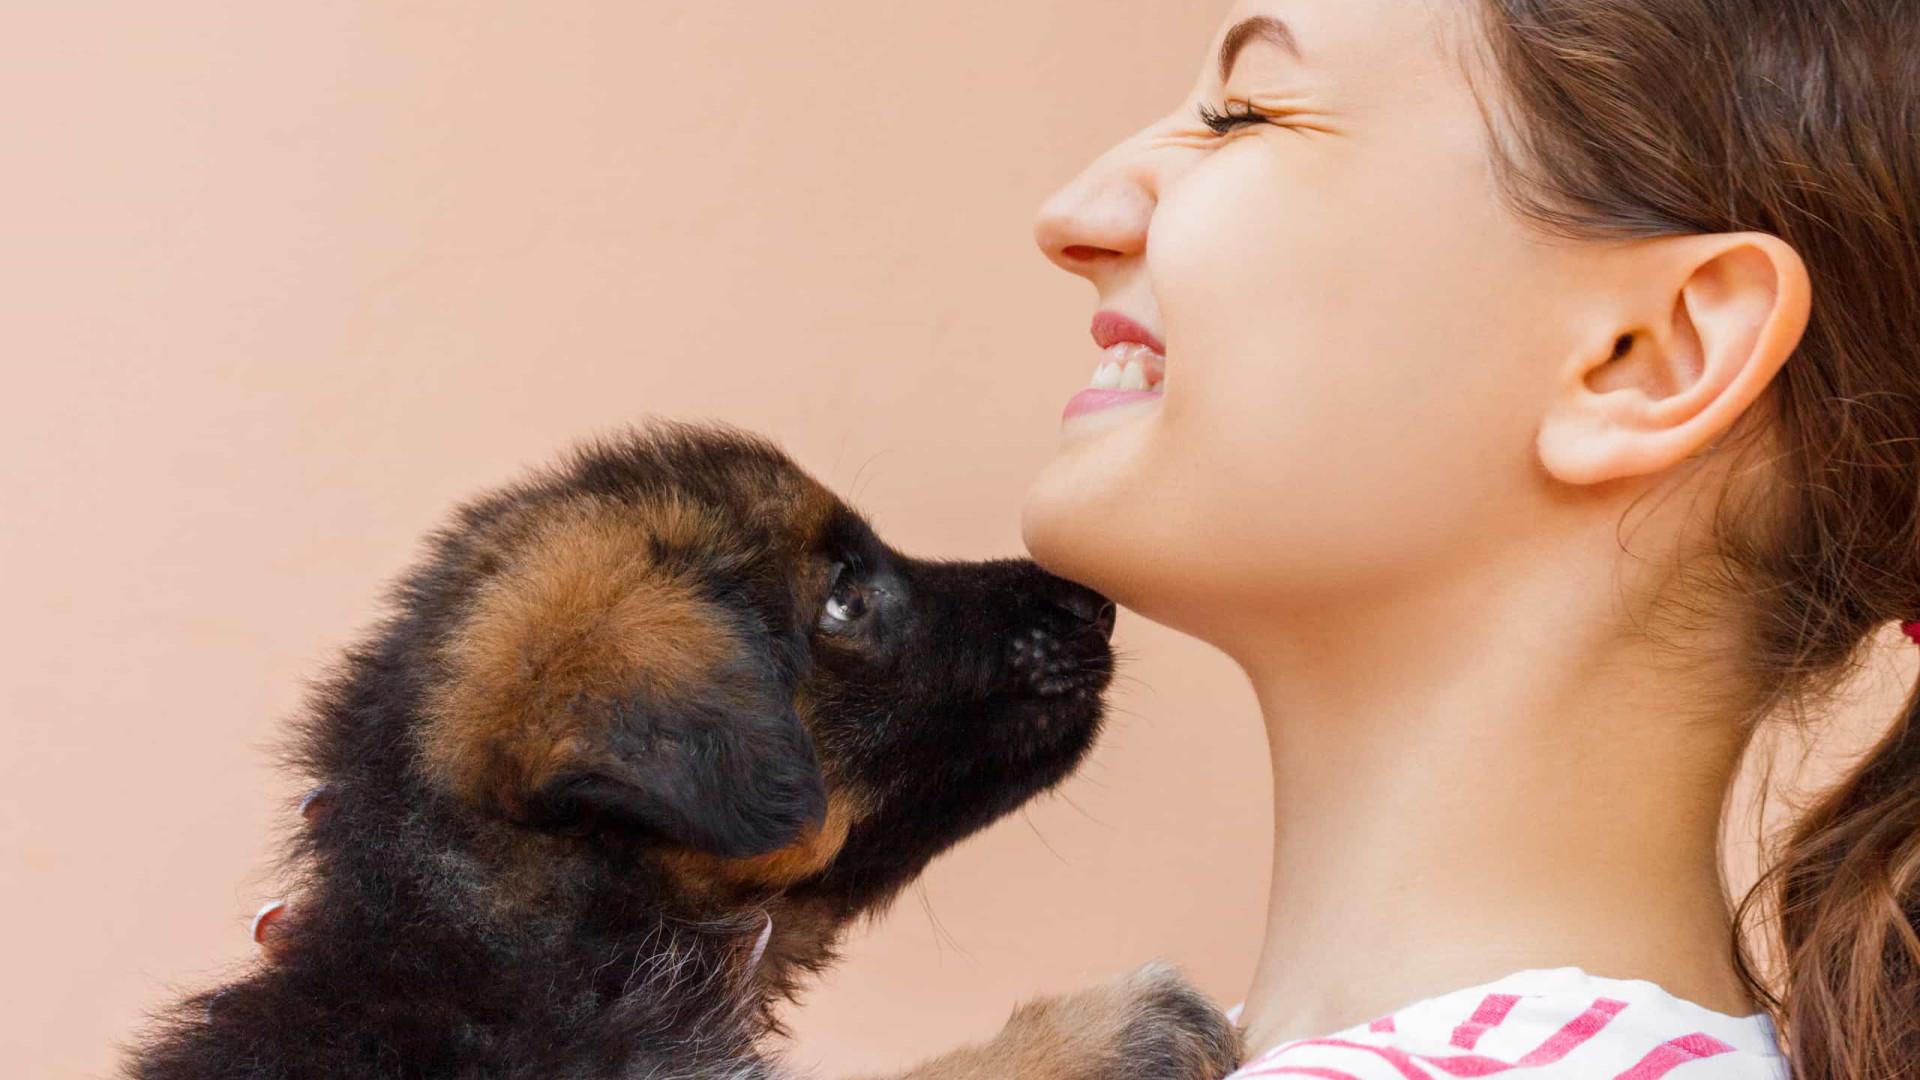 Adotar um cachorro pode ser igual a escolher alguém para namorar